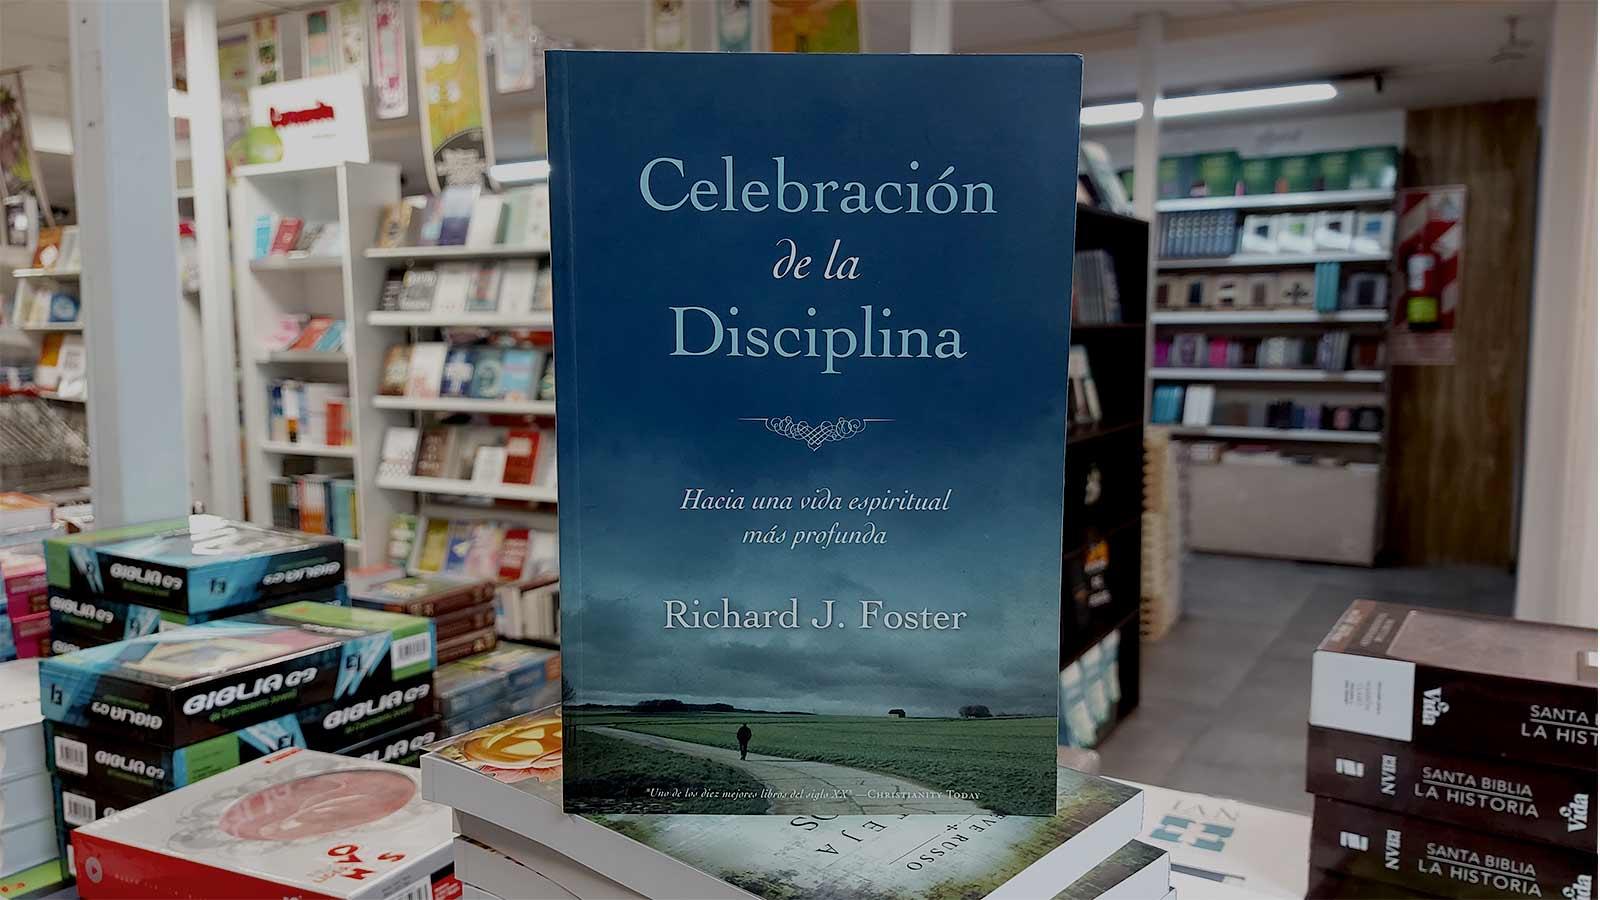 celebracion-de-la-disciplina-richard-foster